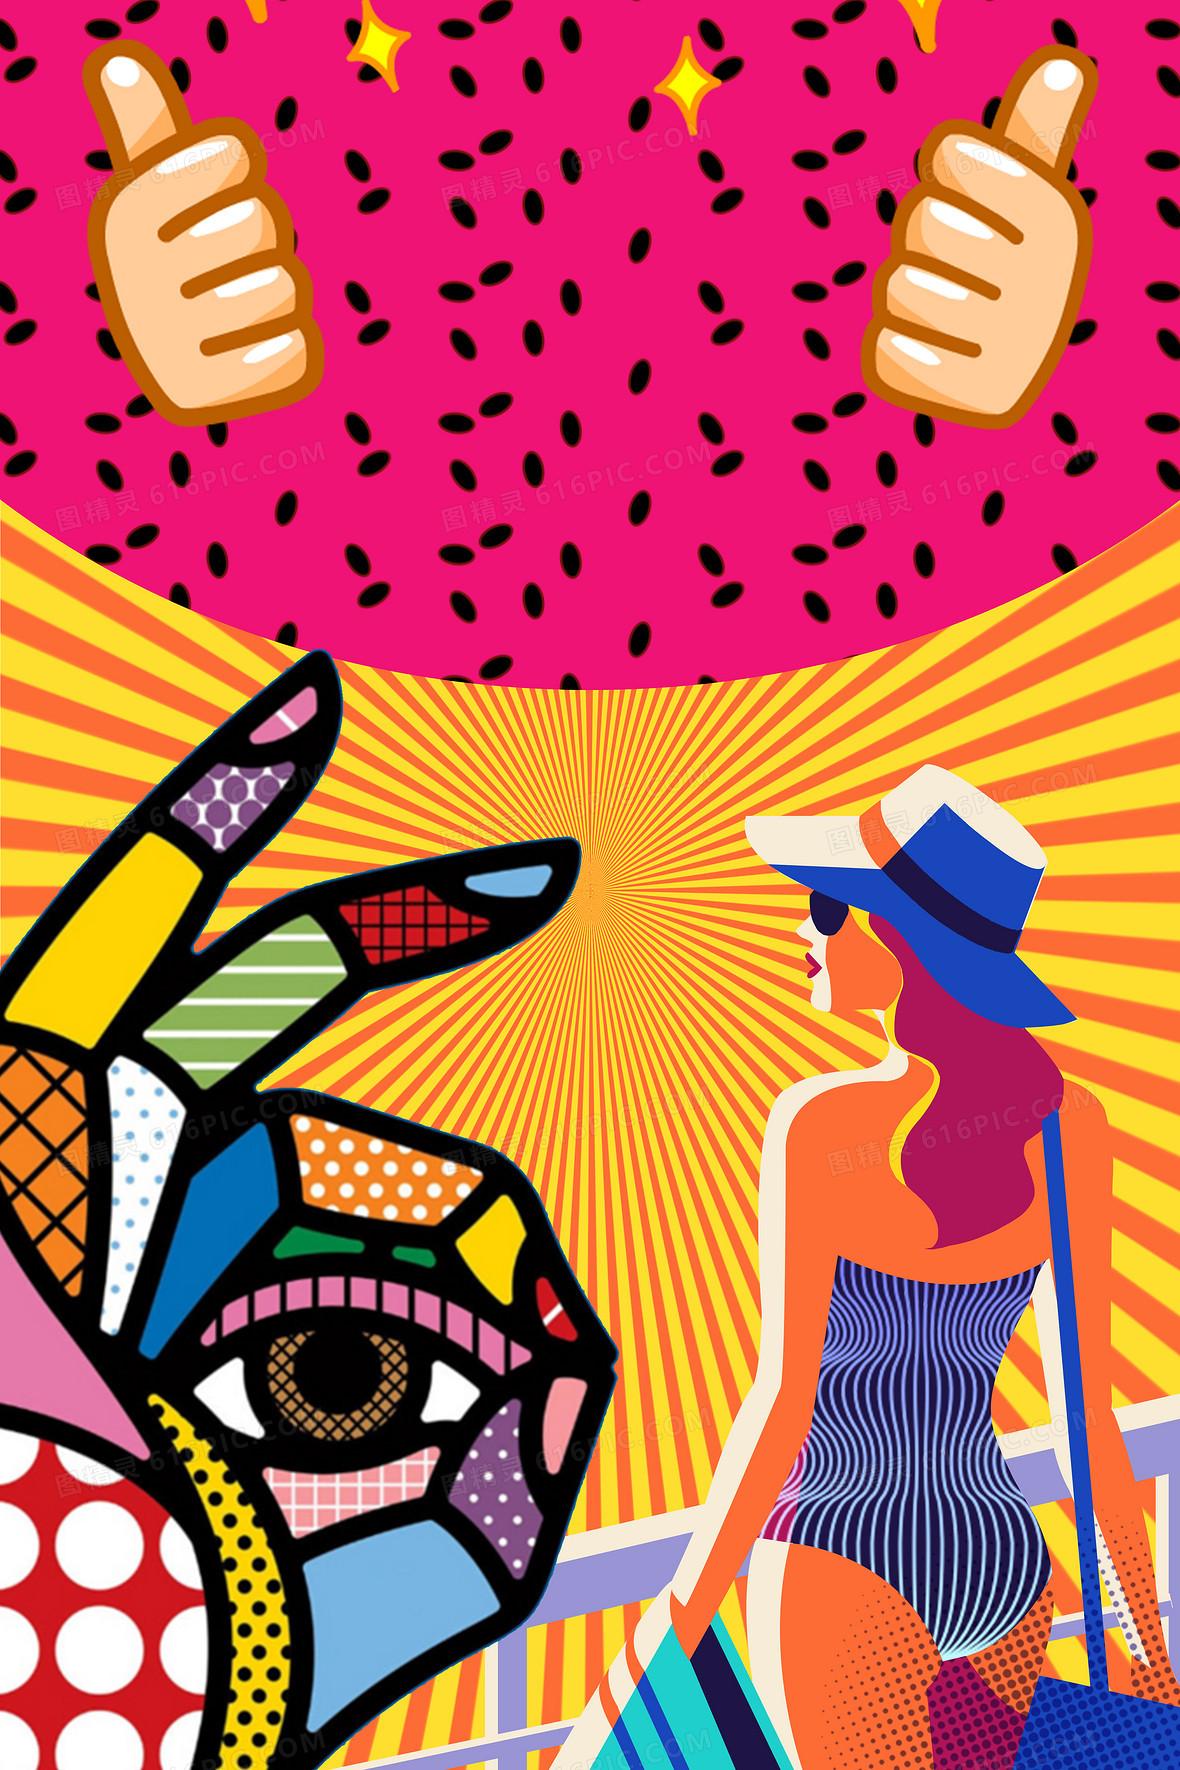 波普风格泳池派对海报背景